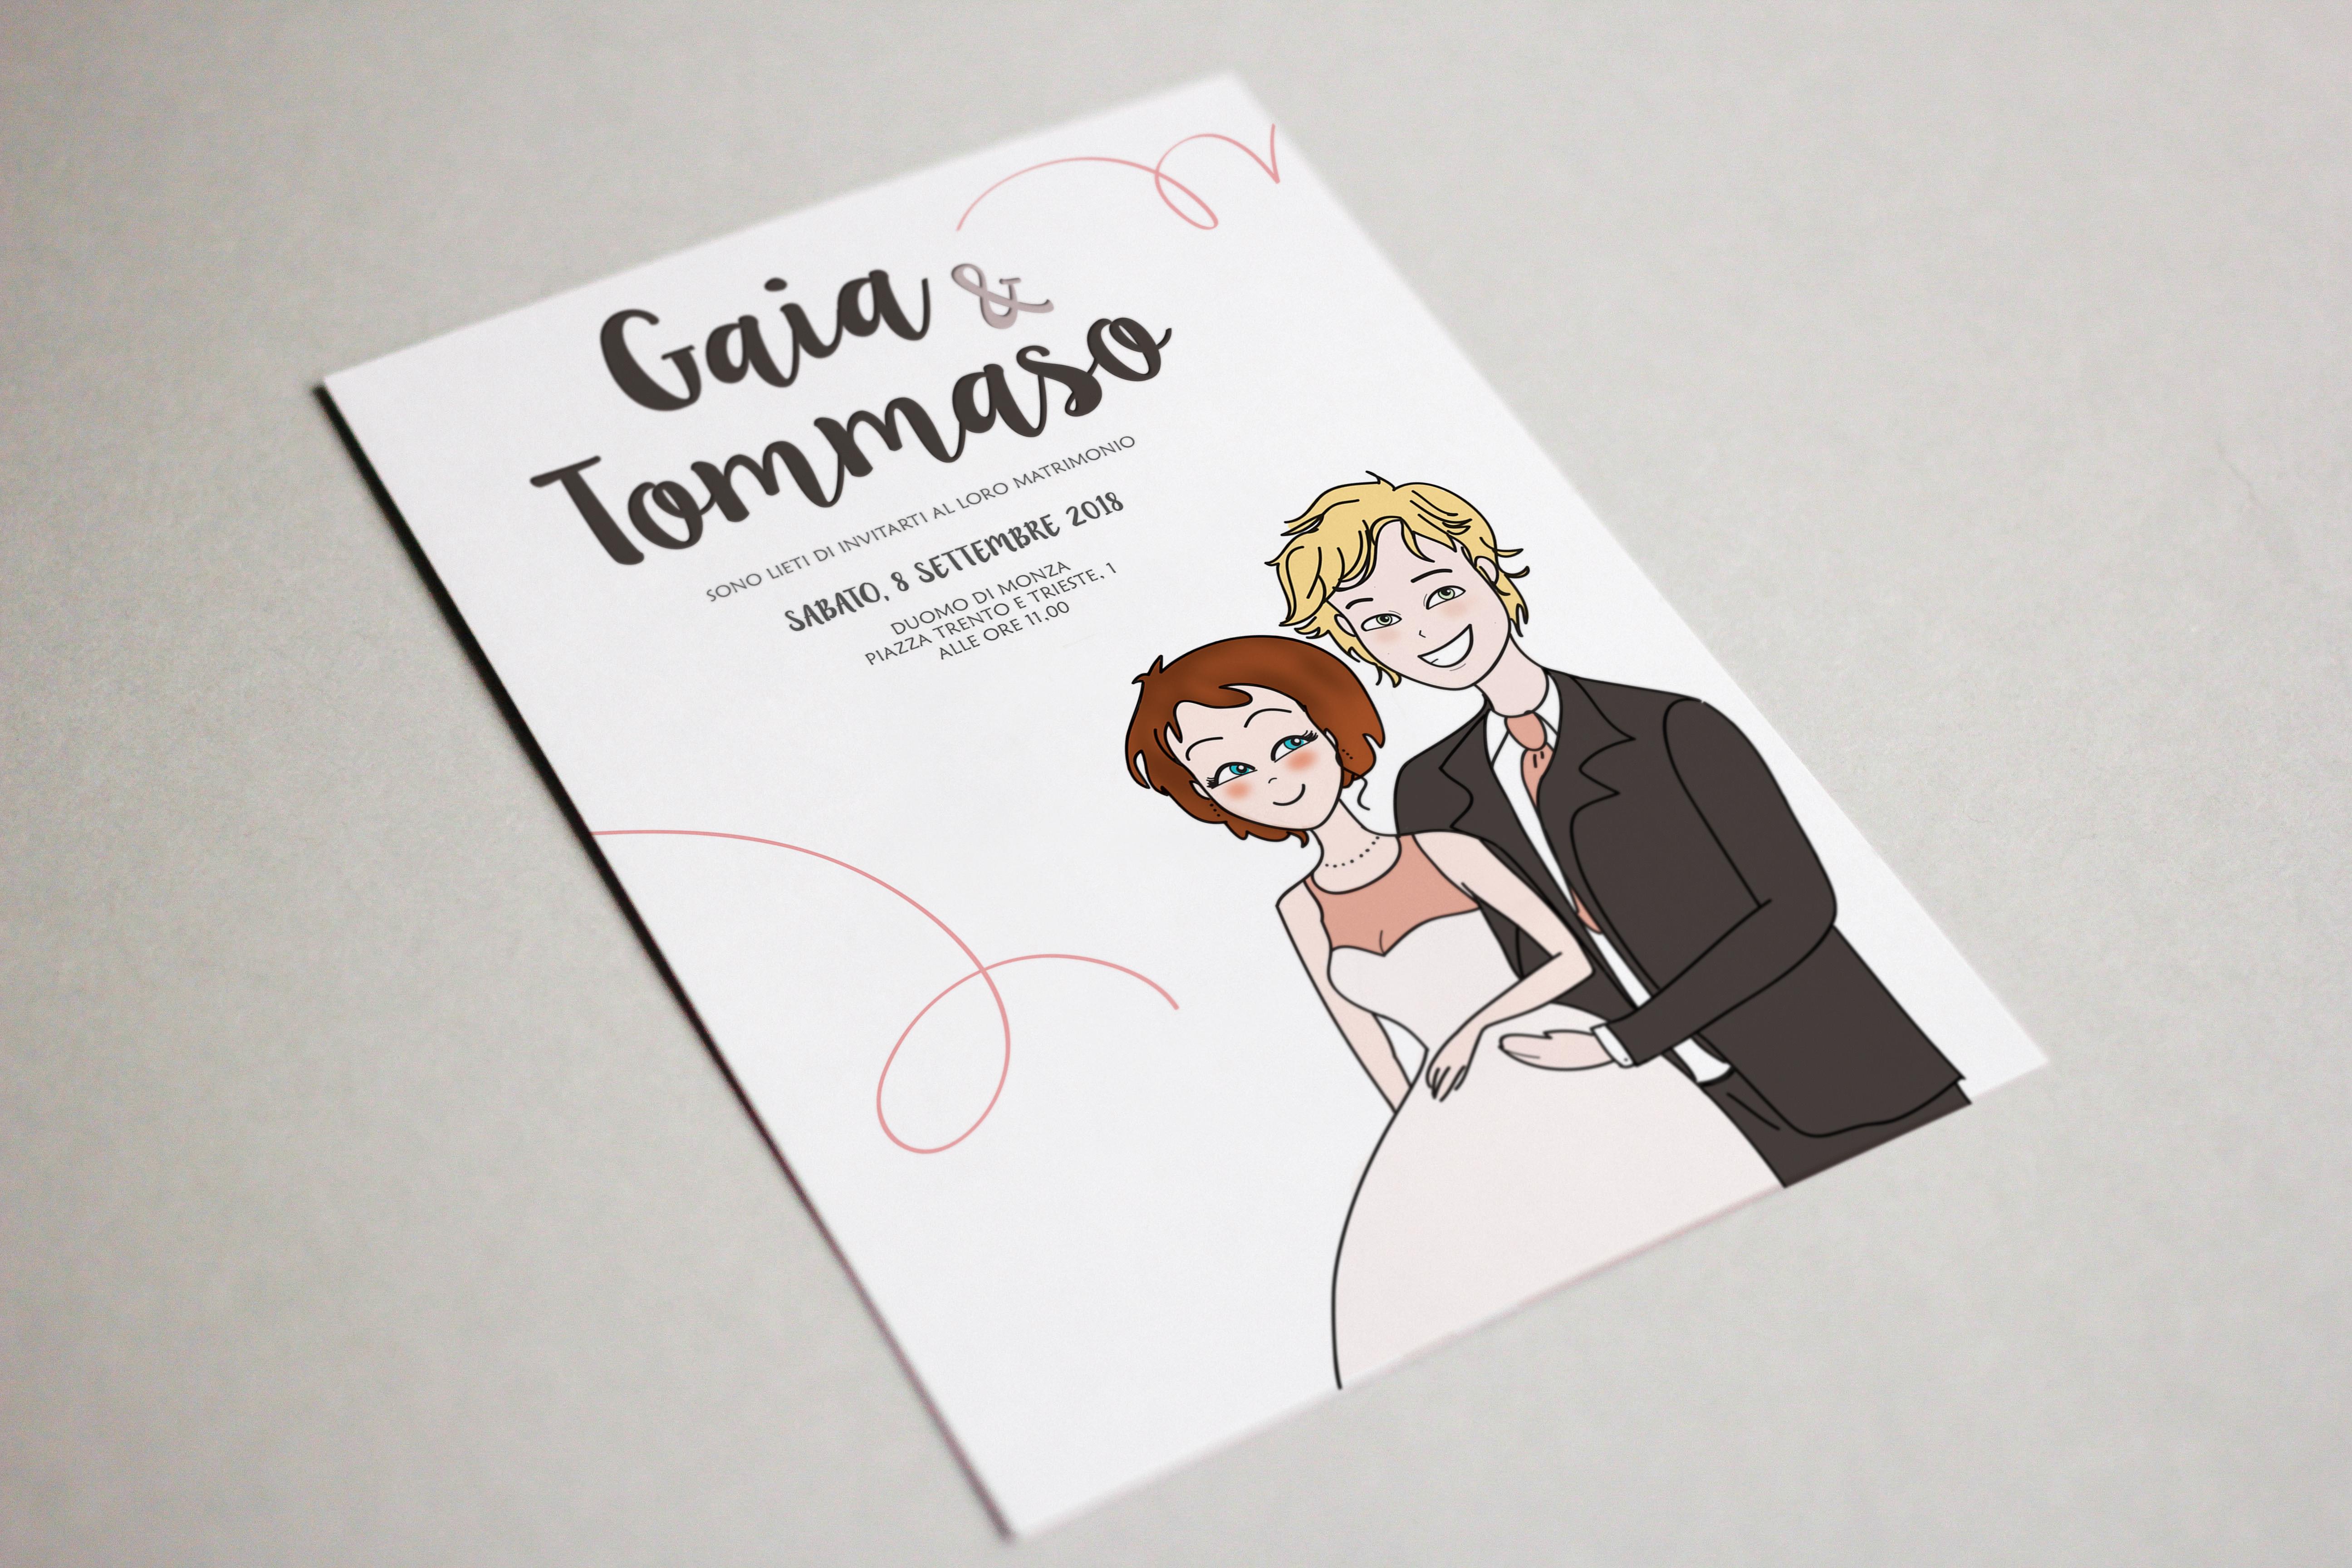 Partecipazioni Matrimonio Monza.Partecipazioni Di Nozze Illustrate Strategie Creative